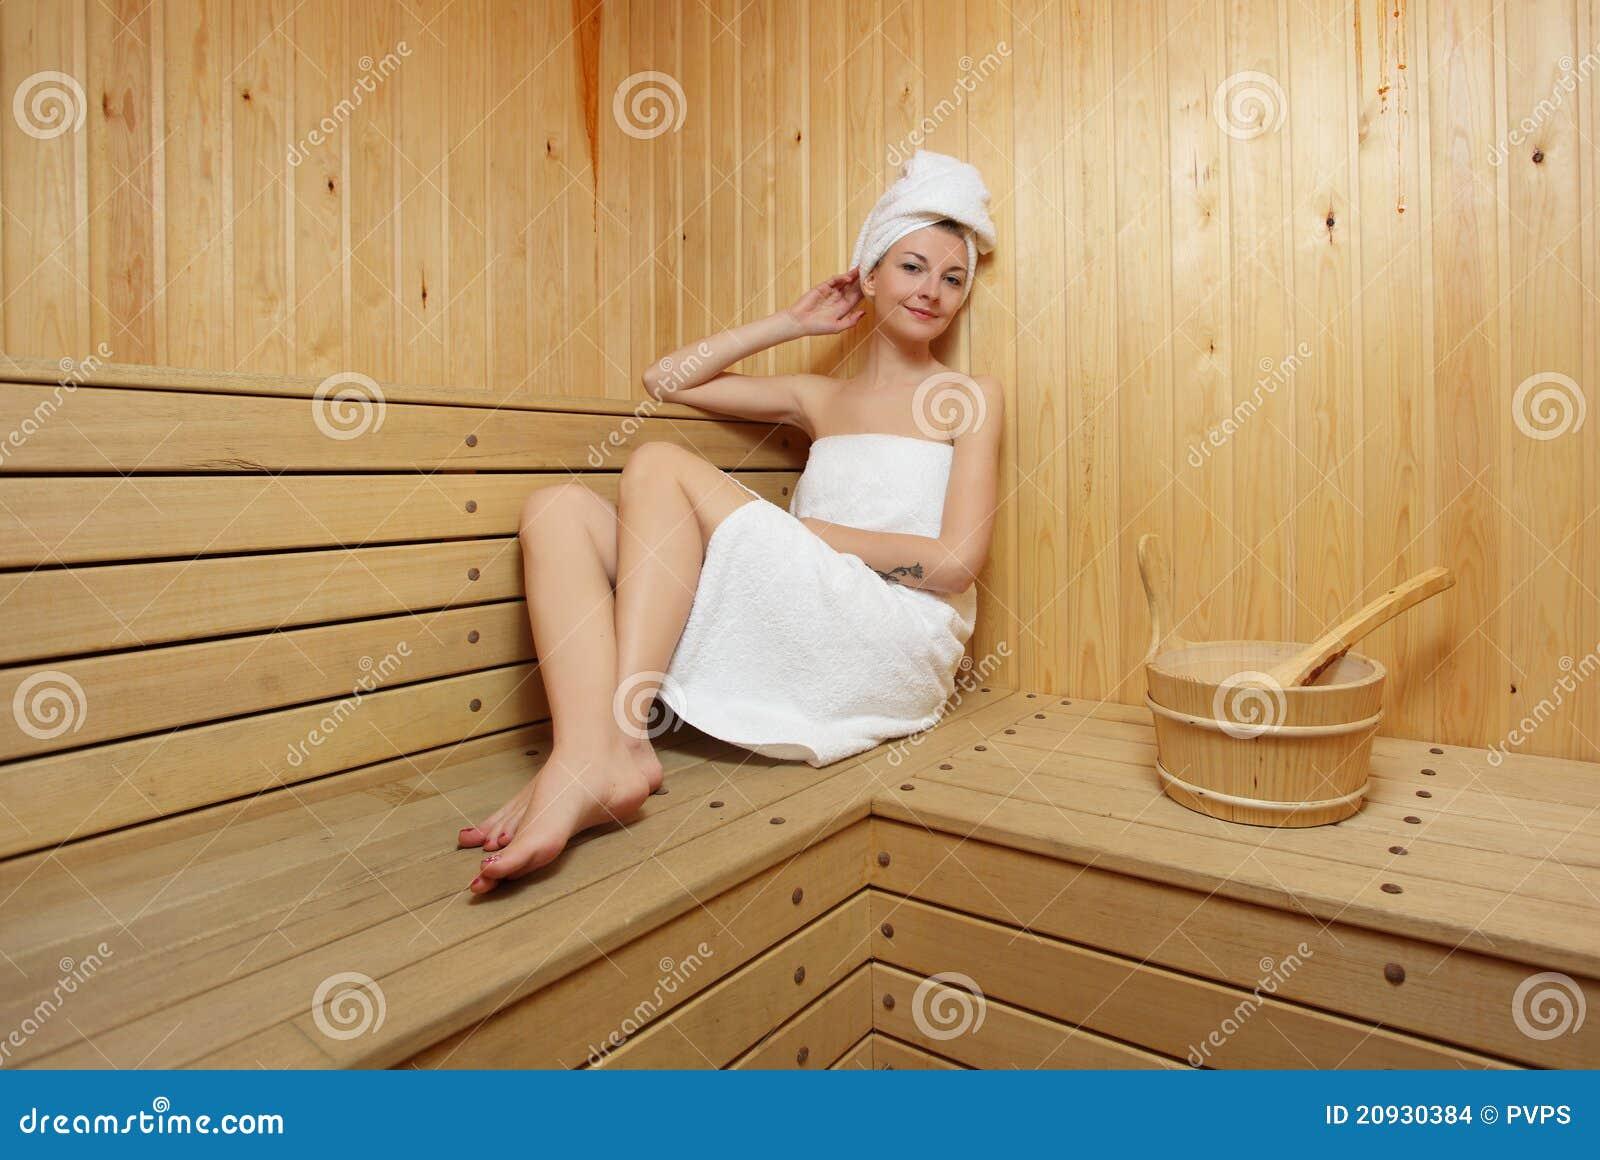 Секс девочки в бане 26 фотография